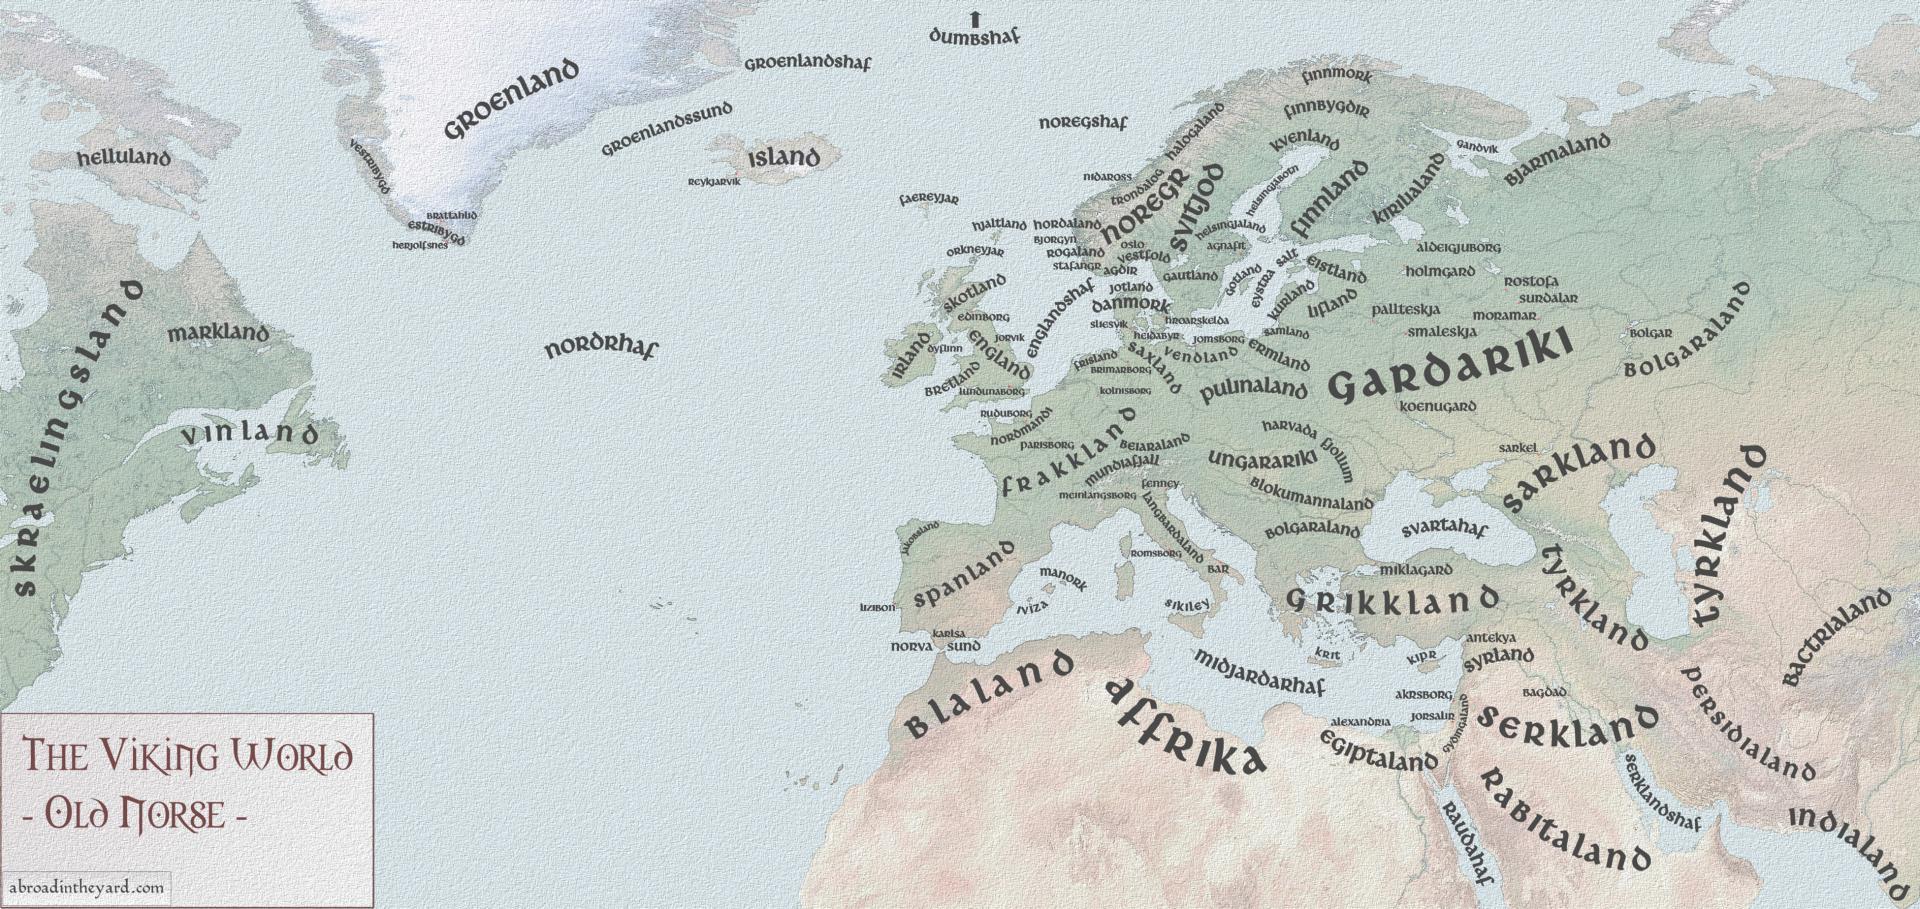 Carte du monde viking en vieux norrois